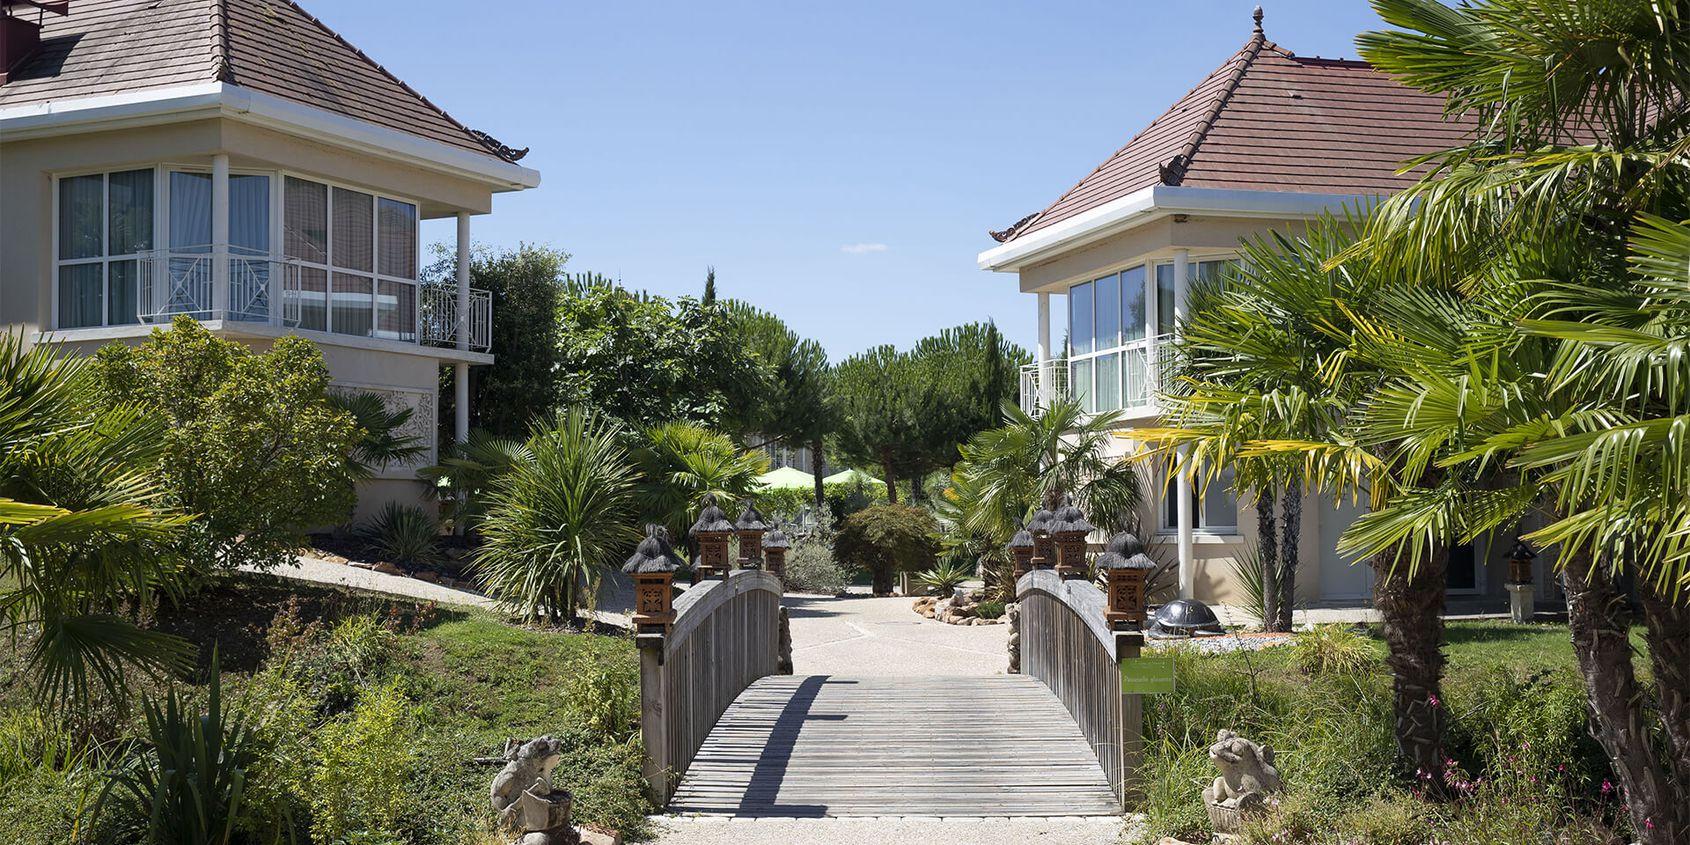 Séjourner aux Jardins de Beauval - Les hôtels de Beauval